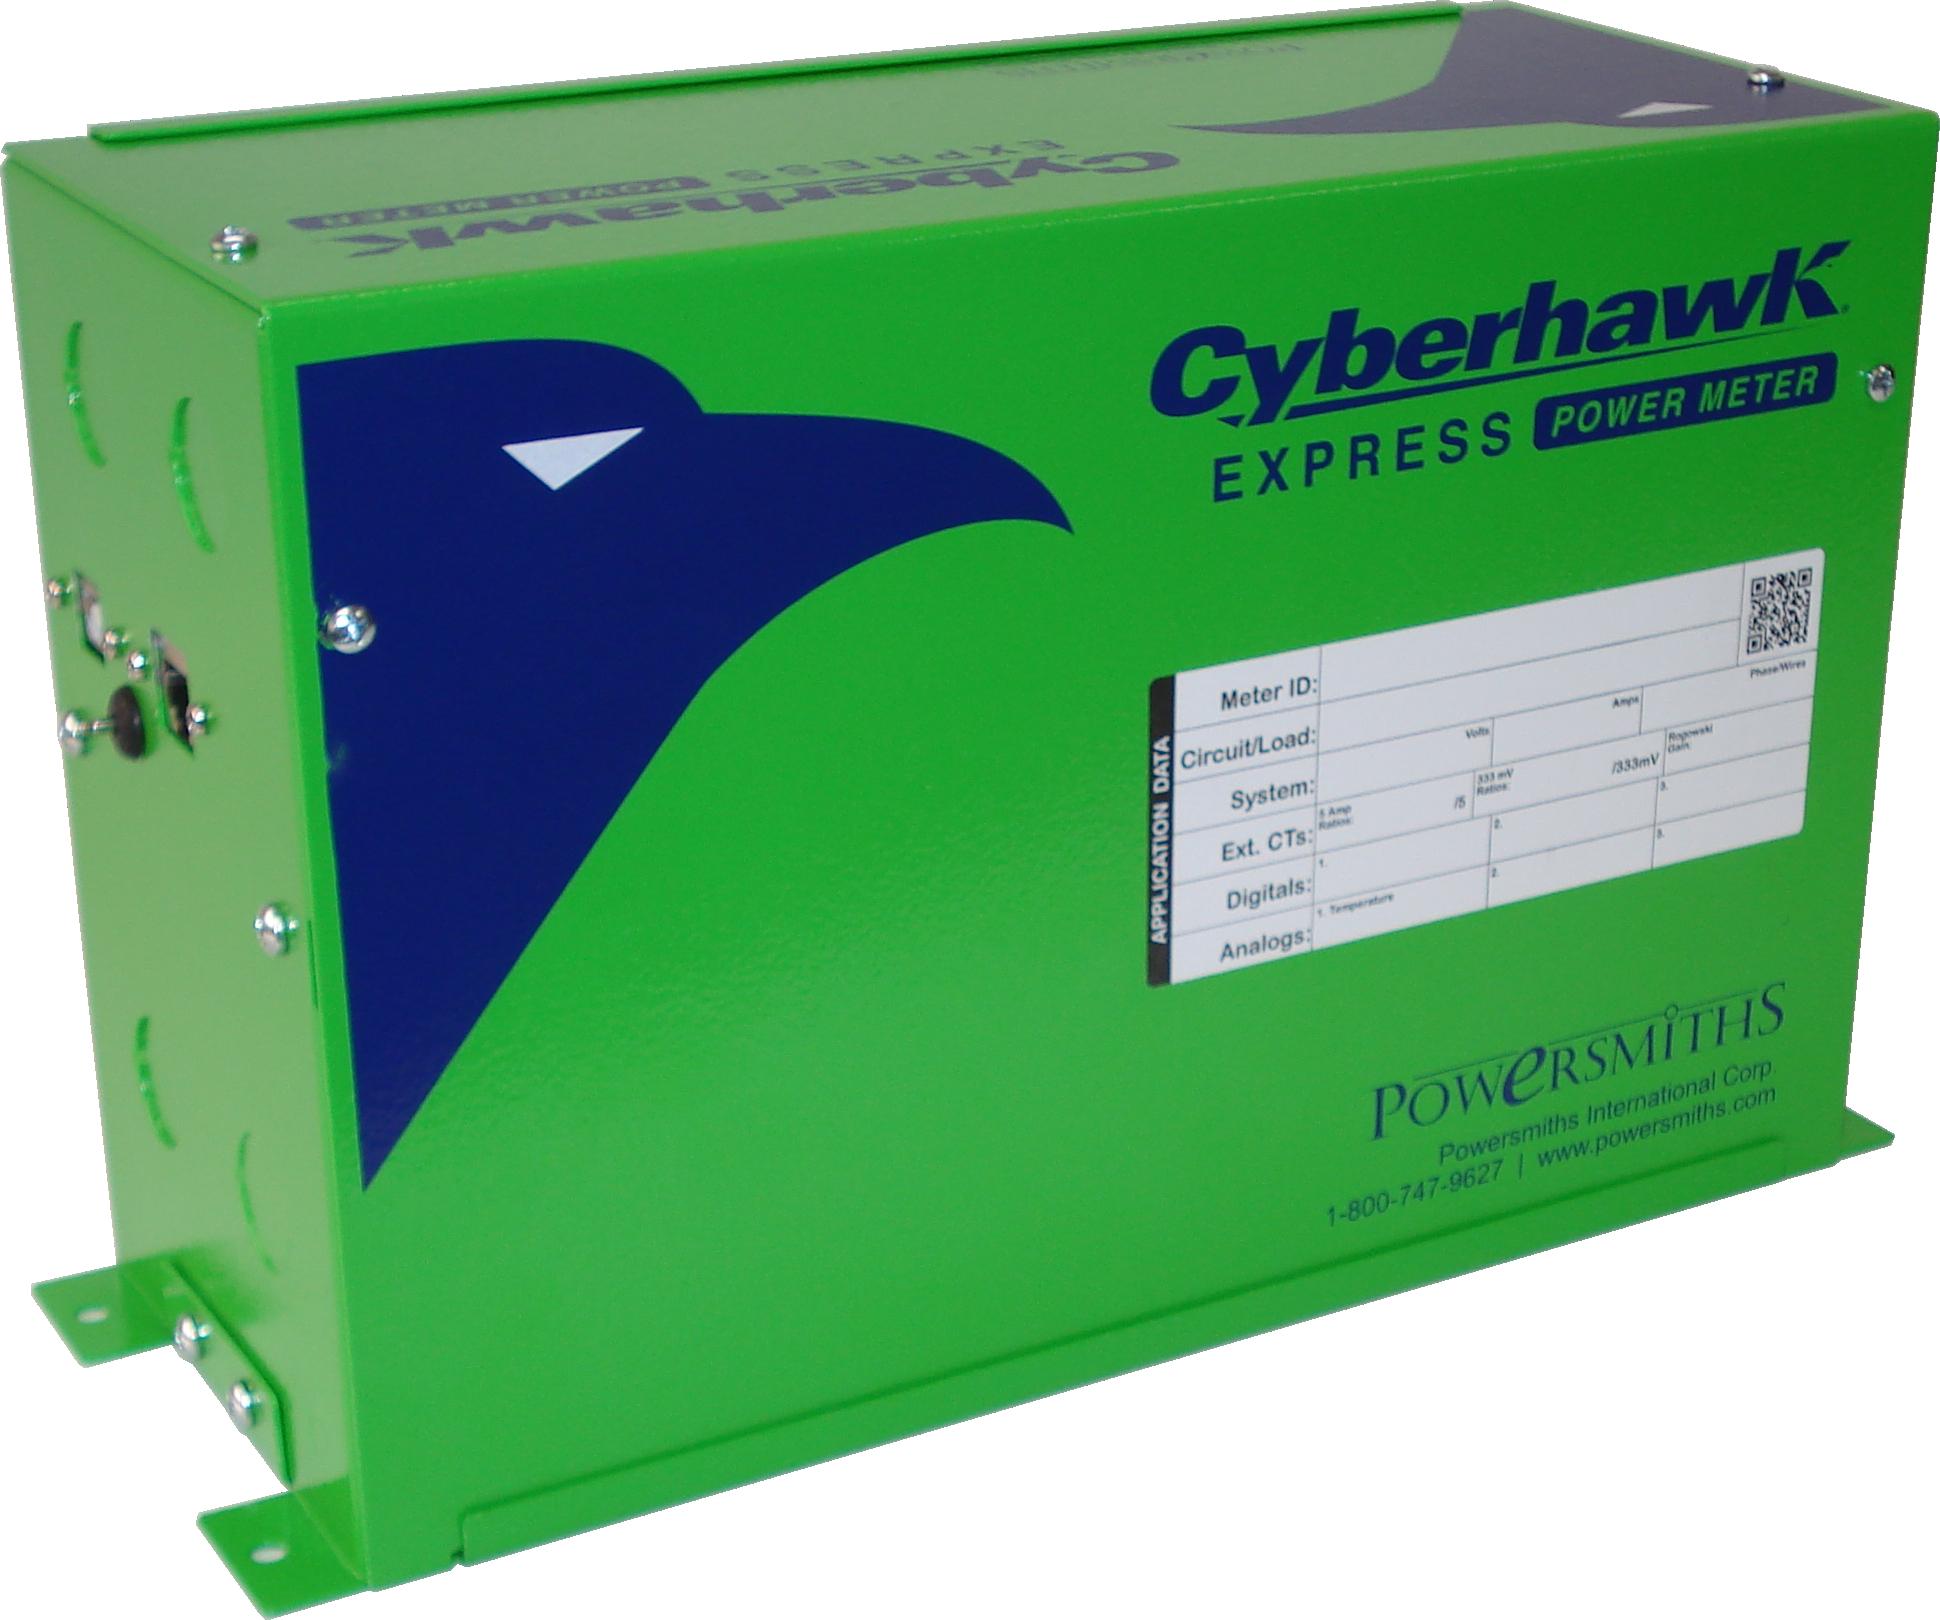 Cyberhawk Express